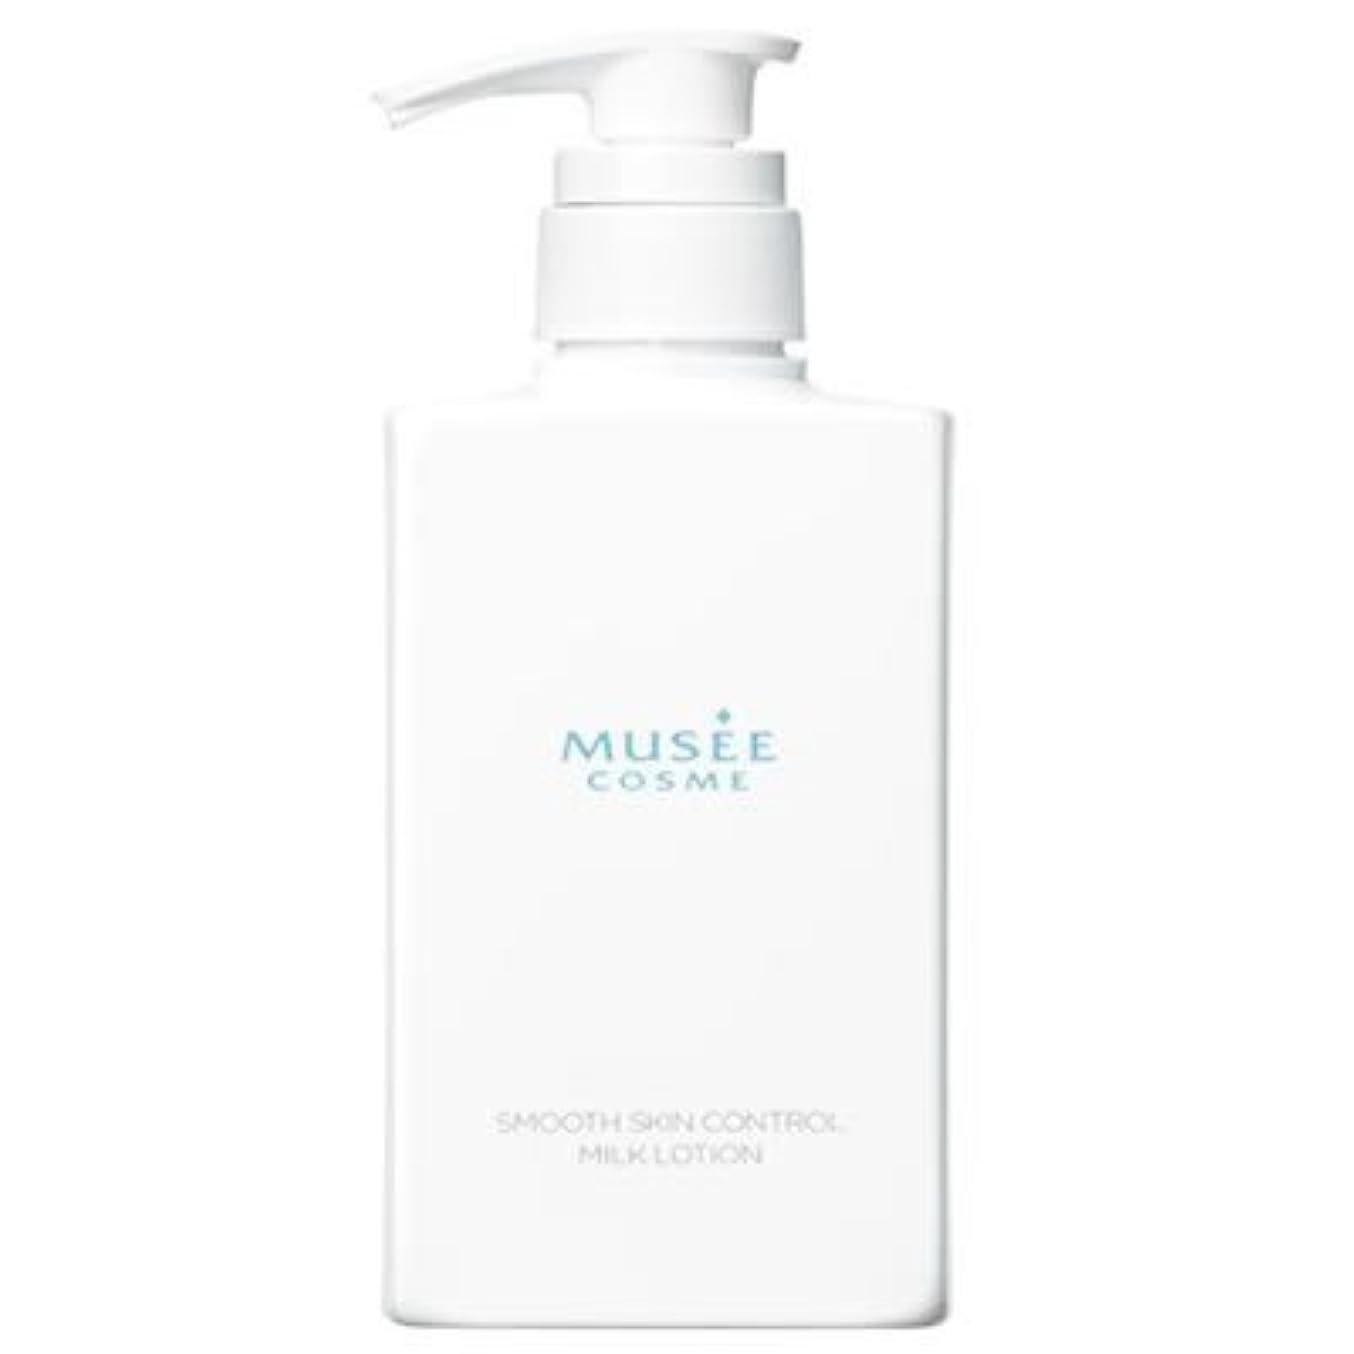 うれしいほめる押し下げるミュゼ 薬用スムーススキンコントロールミルクローション 300ml ホワイトジャスミンの香り [並行輸入品]